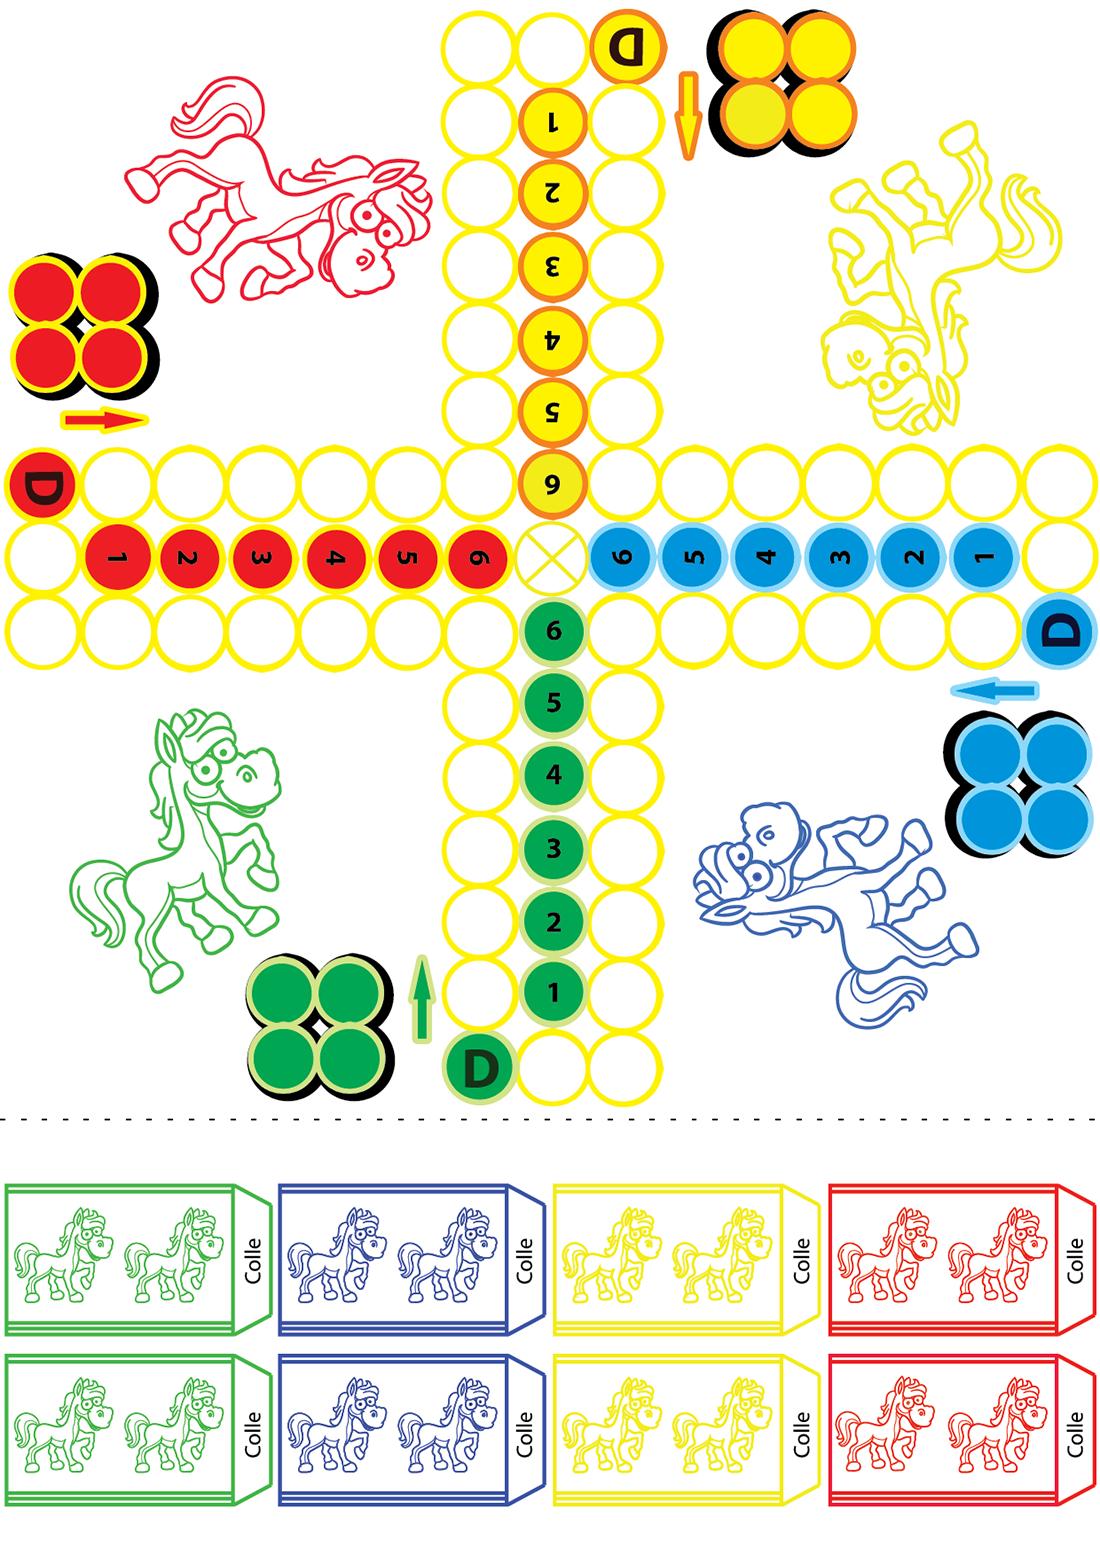 Jeu De Petits Chevaux À Imprimer - Turbulus, Jeux Pour Enfants encequiconcerne Découpage Collage A Imprimer